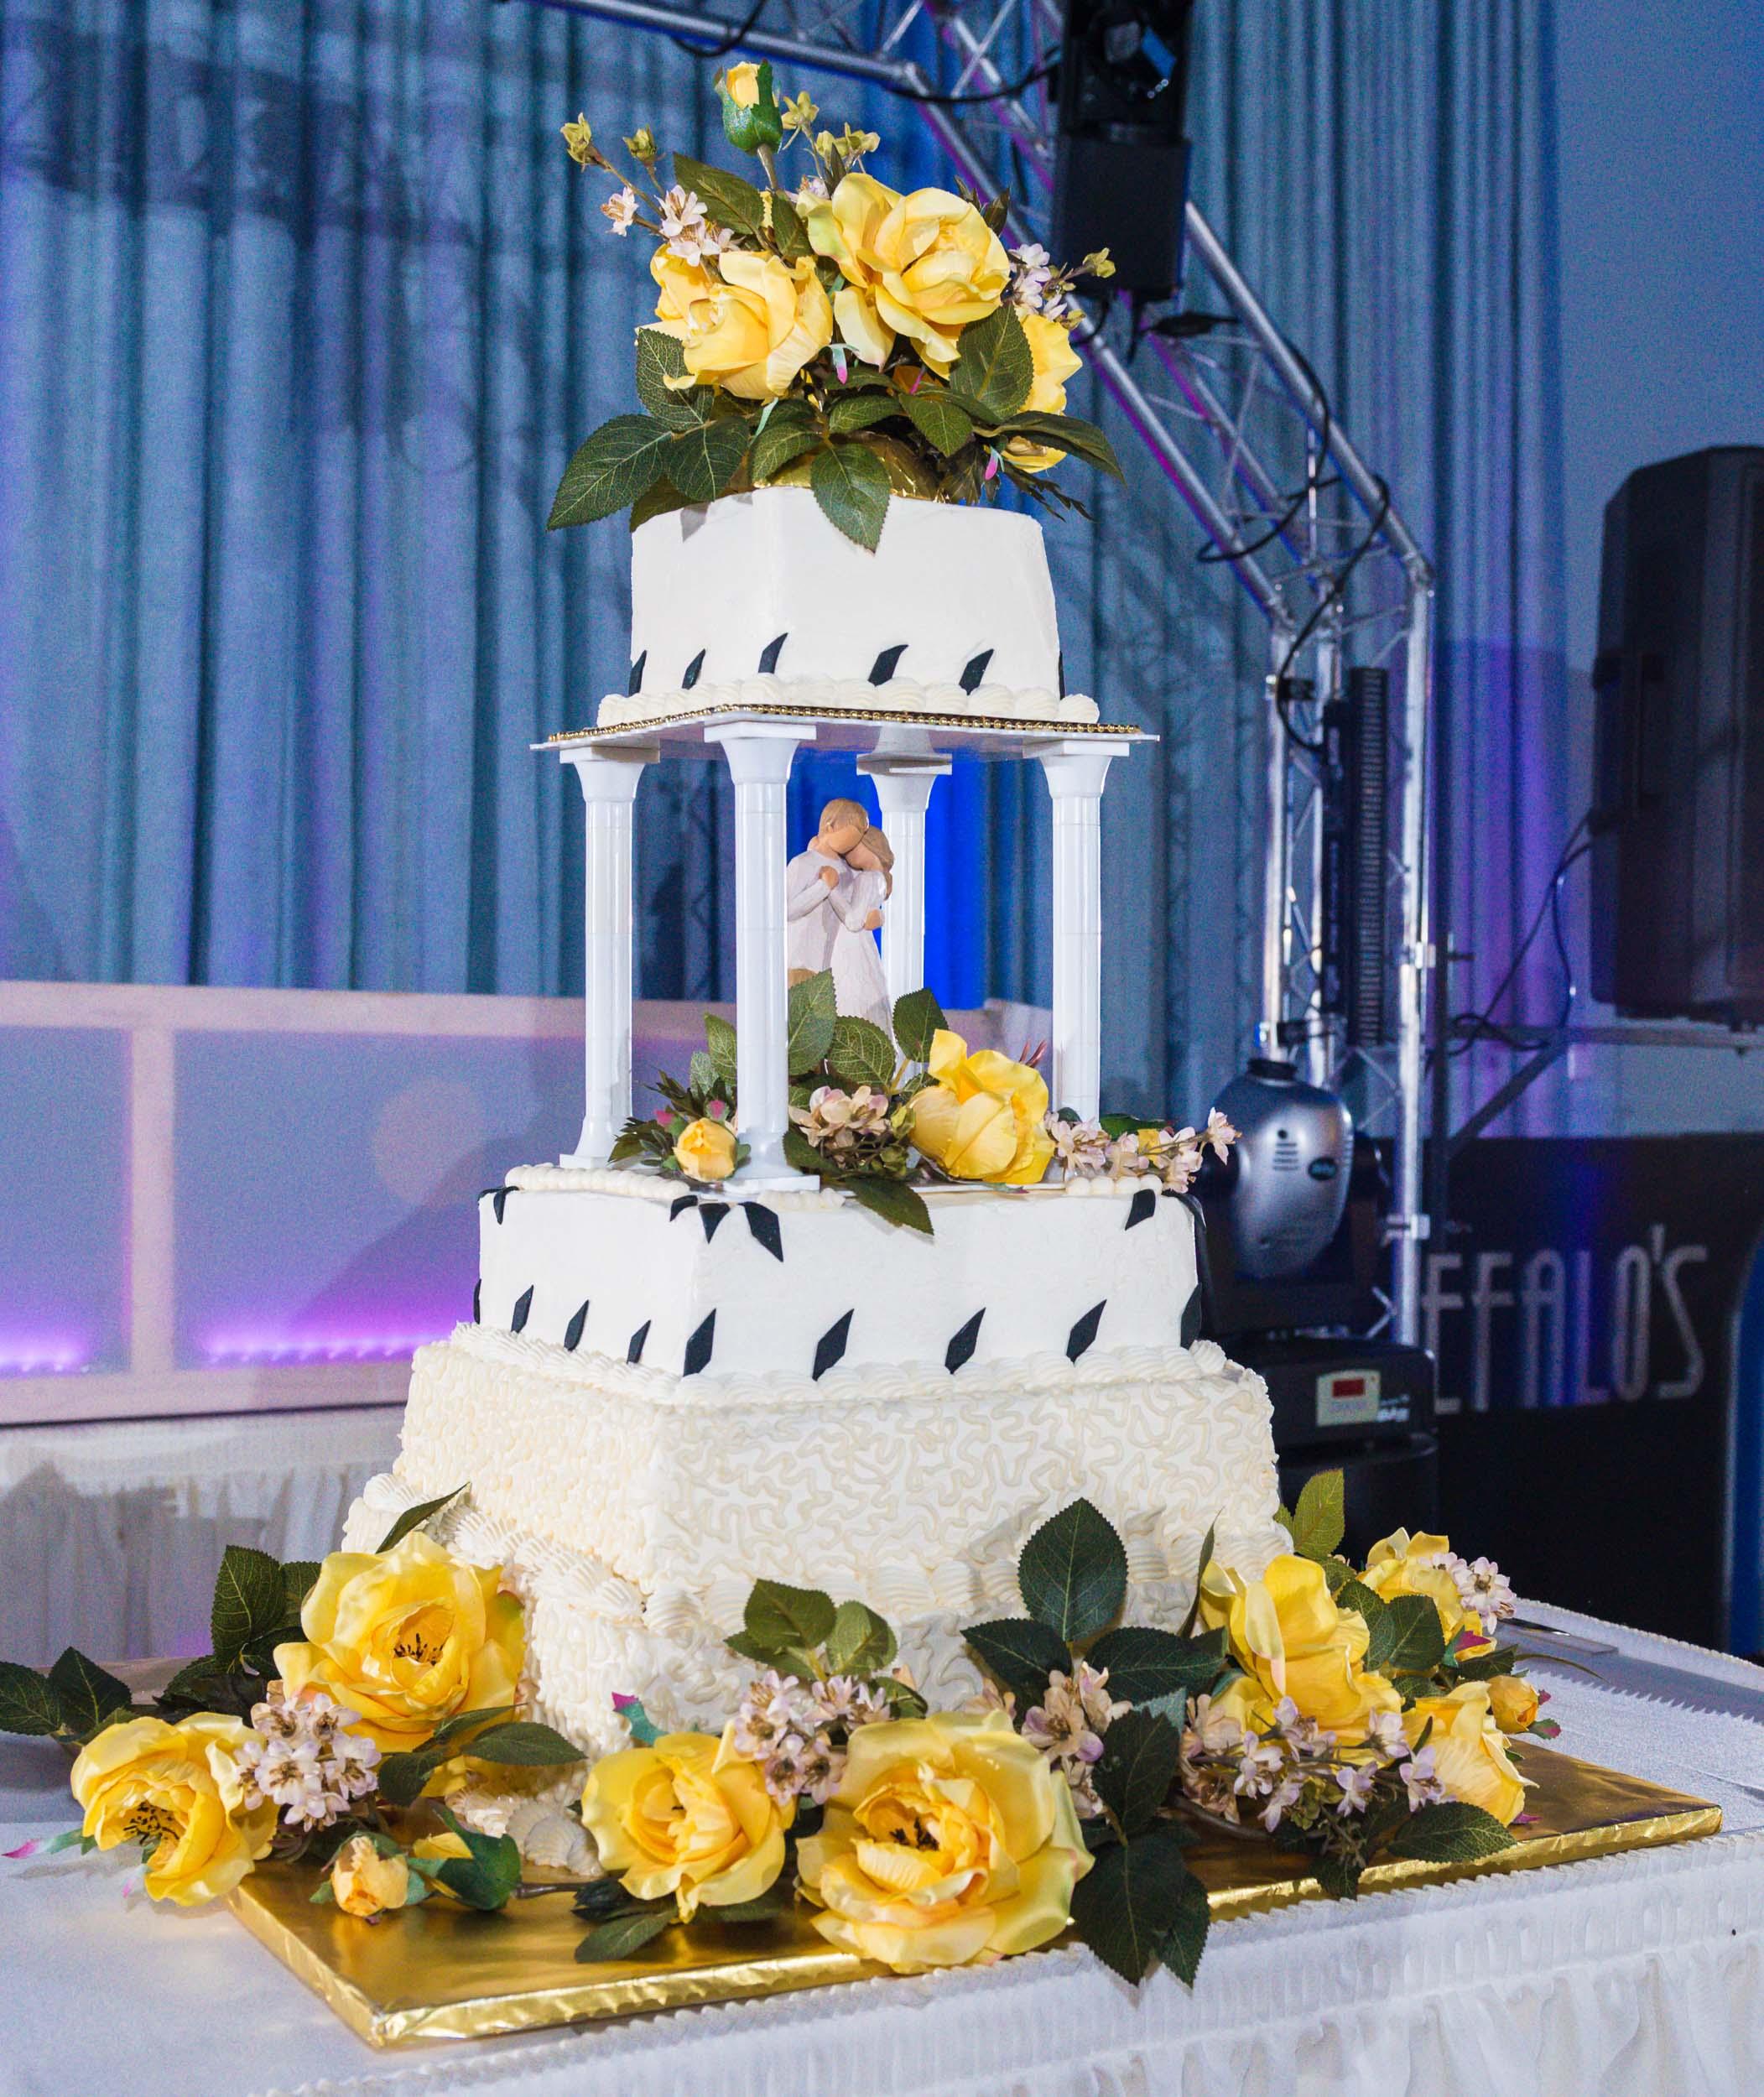 Wedding-Cake-Cefelos-Banquet-Event-Center-1.jpg